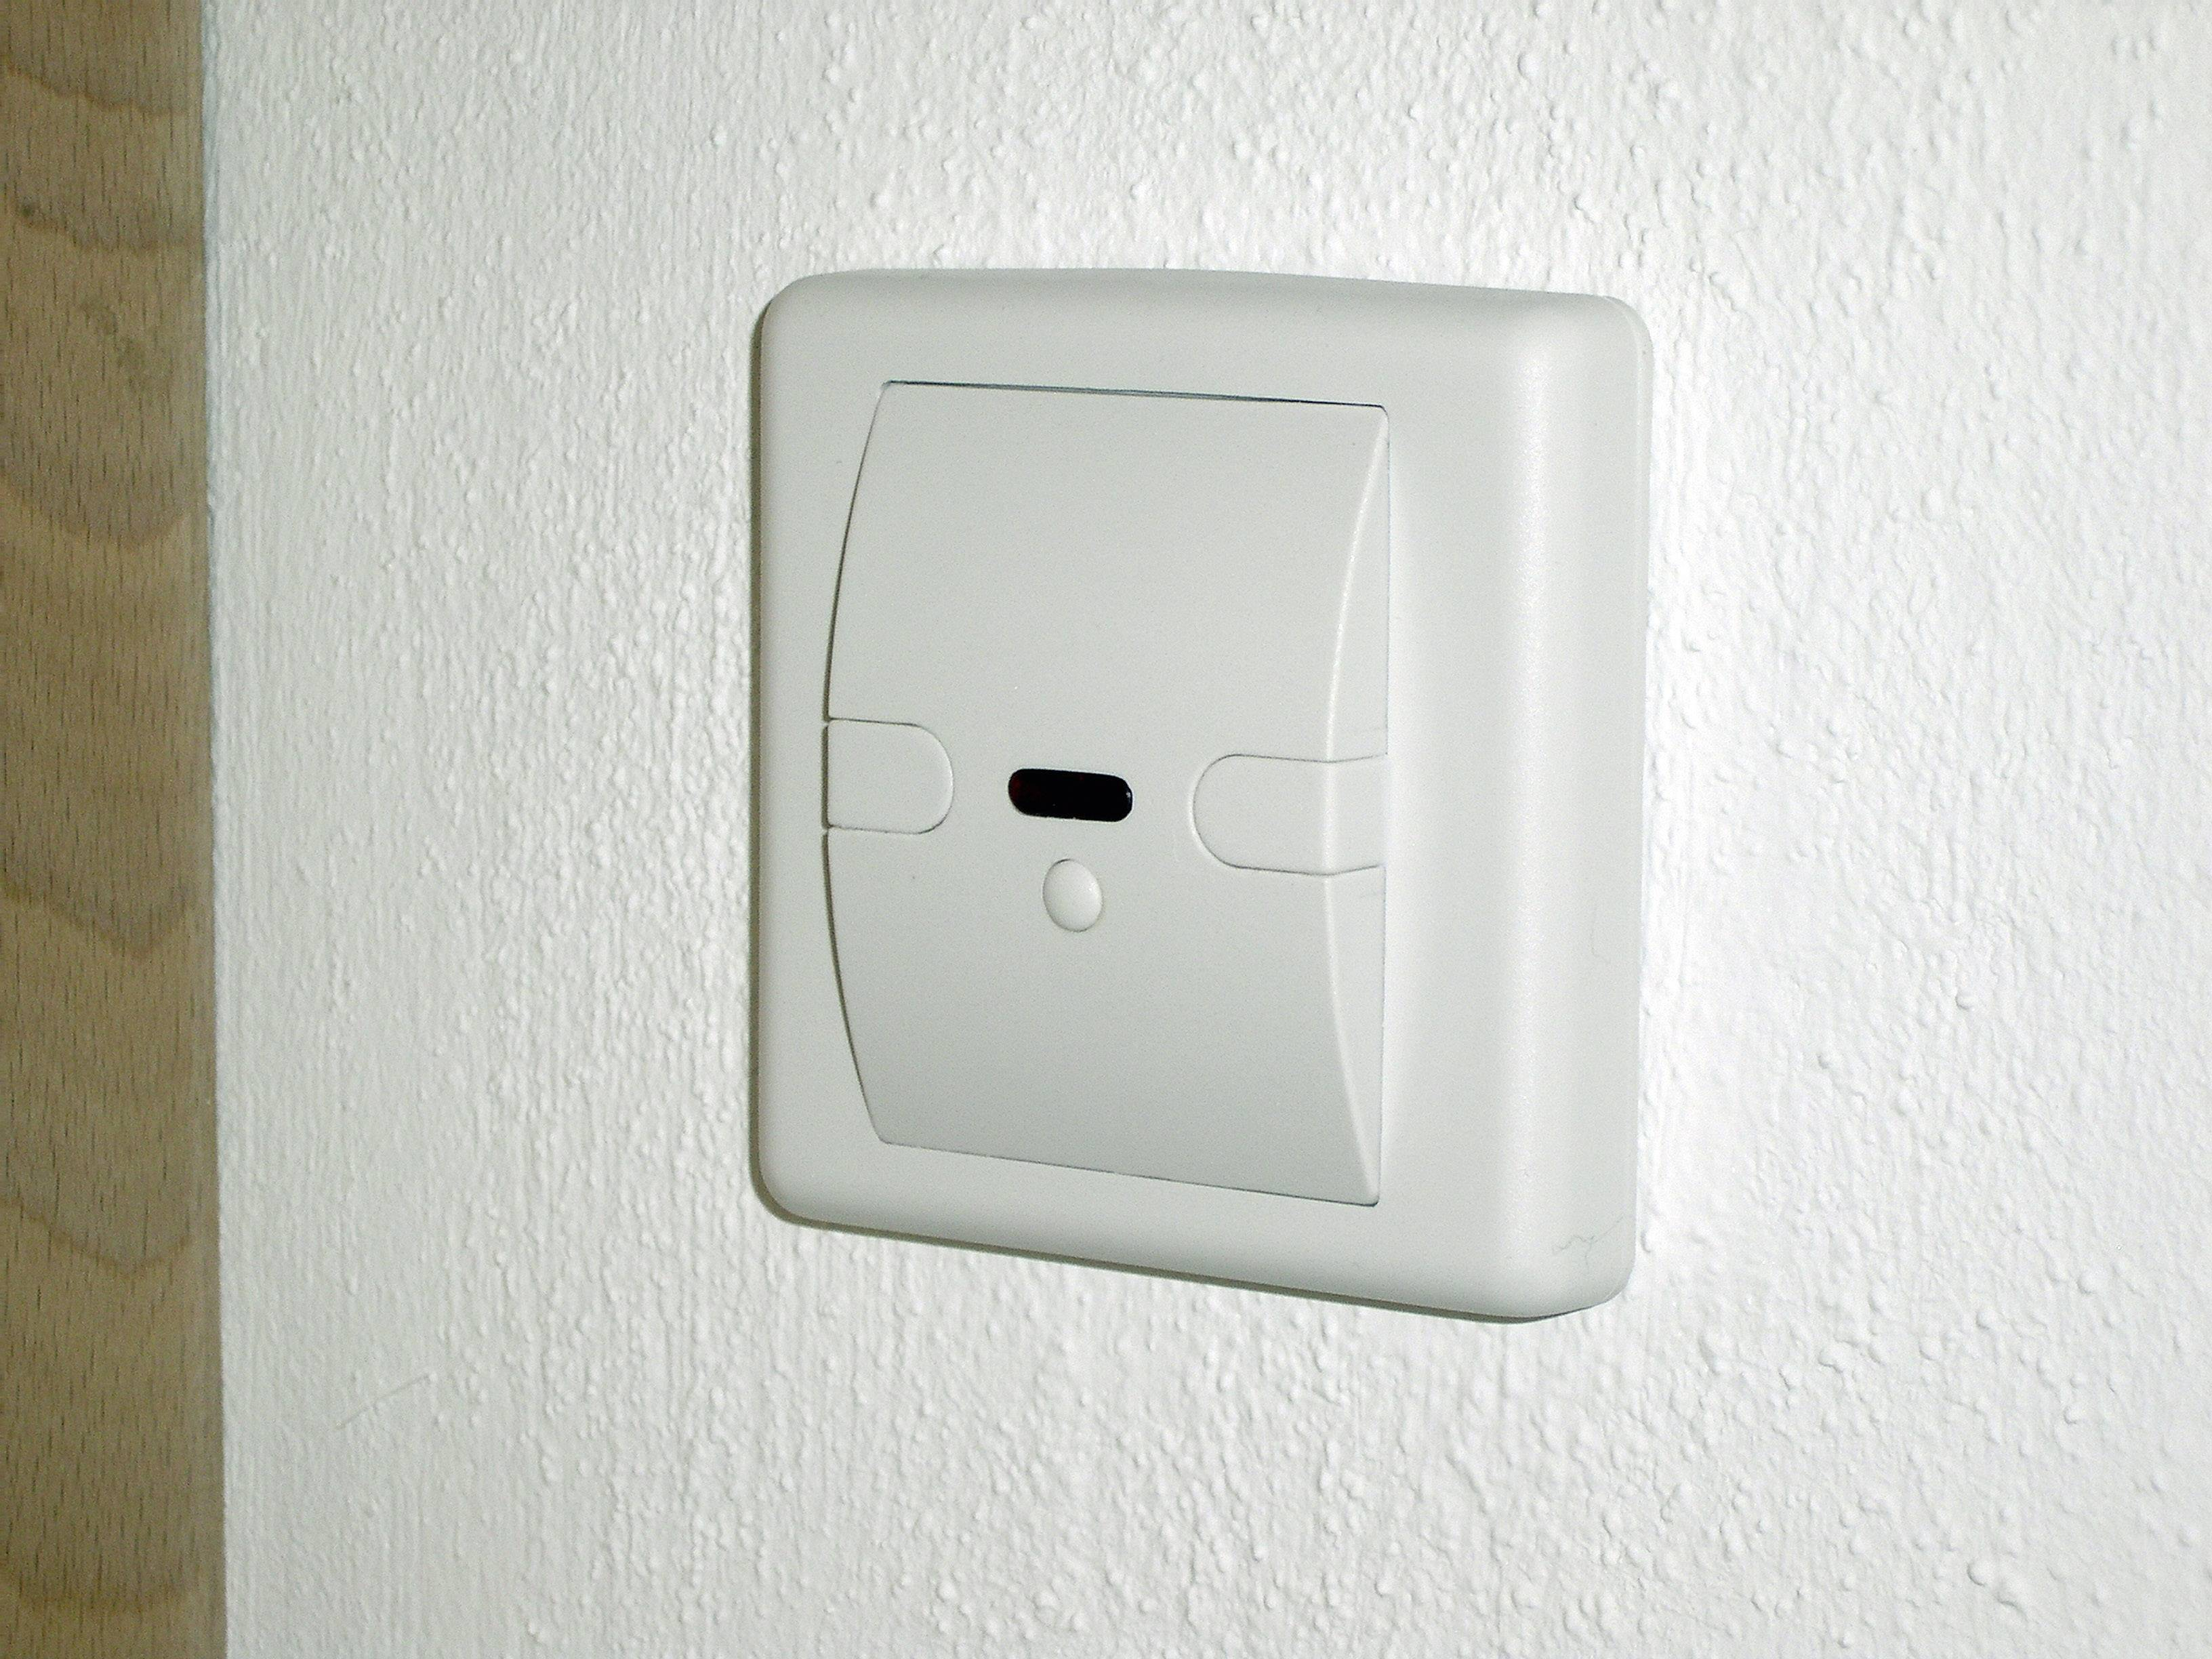 Fein Dreipoliger Lichtschalter Galerie - Die Besten Elektrischen ...